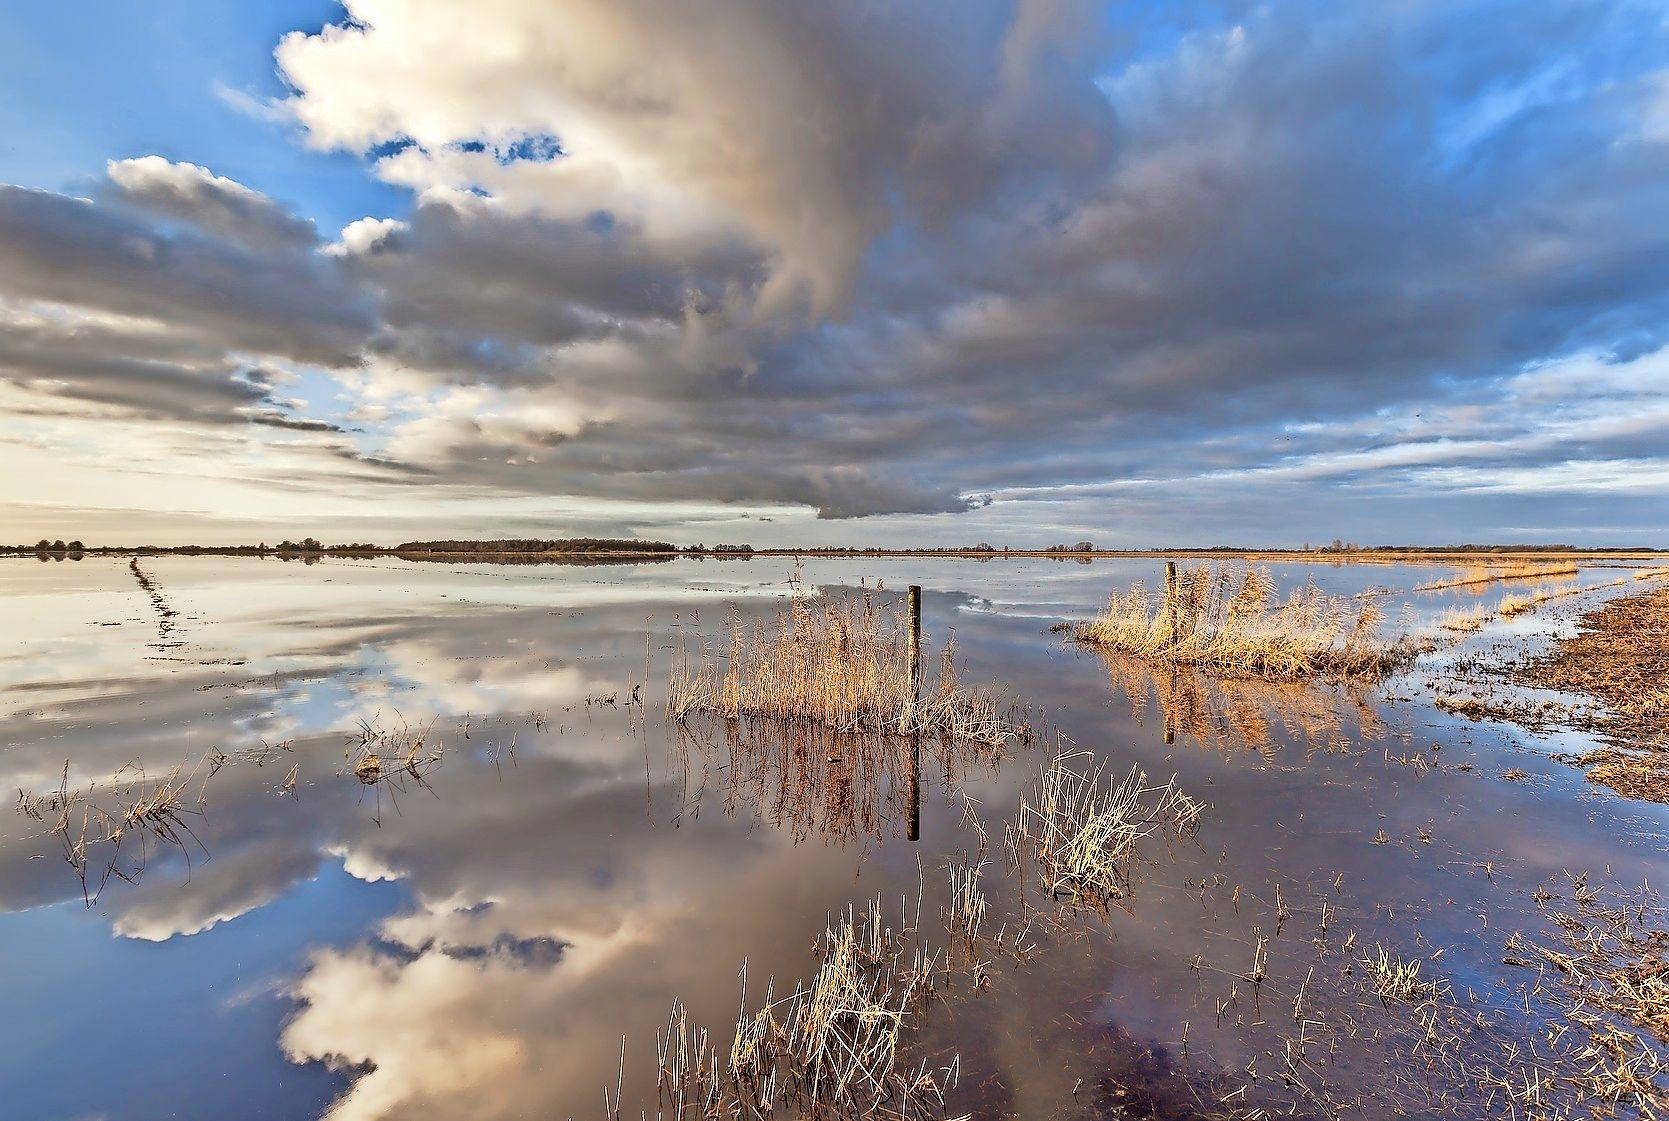 Meepraten over de toekomstige inrichting van de IJsselmeerkust. Het ecologische project Wieringerhoek bijvoorbeeld: het verbeteren van de soortenrijkdom in het IJsselmeer